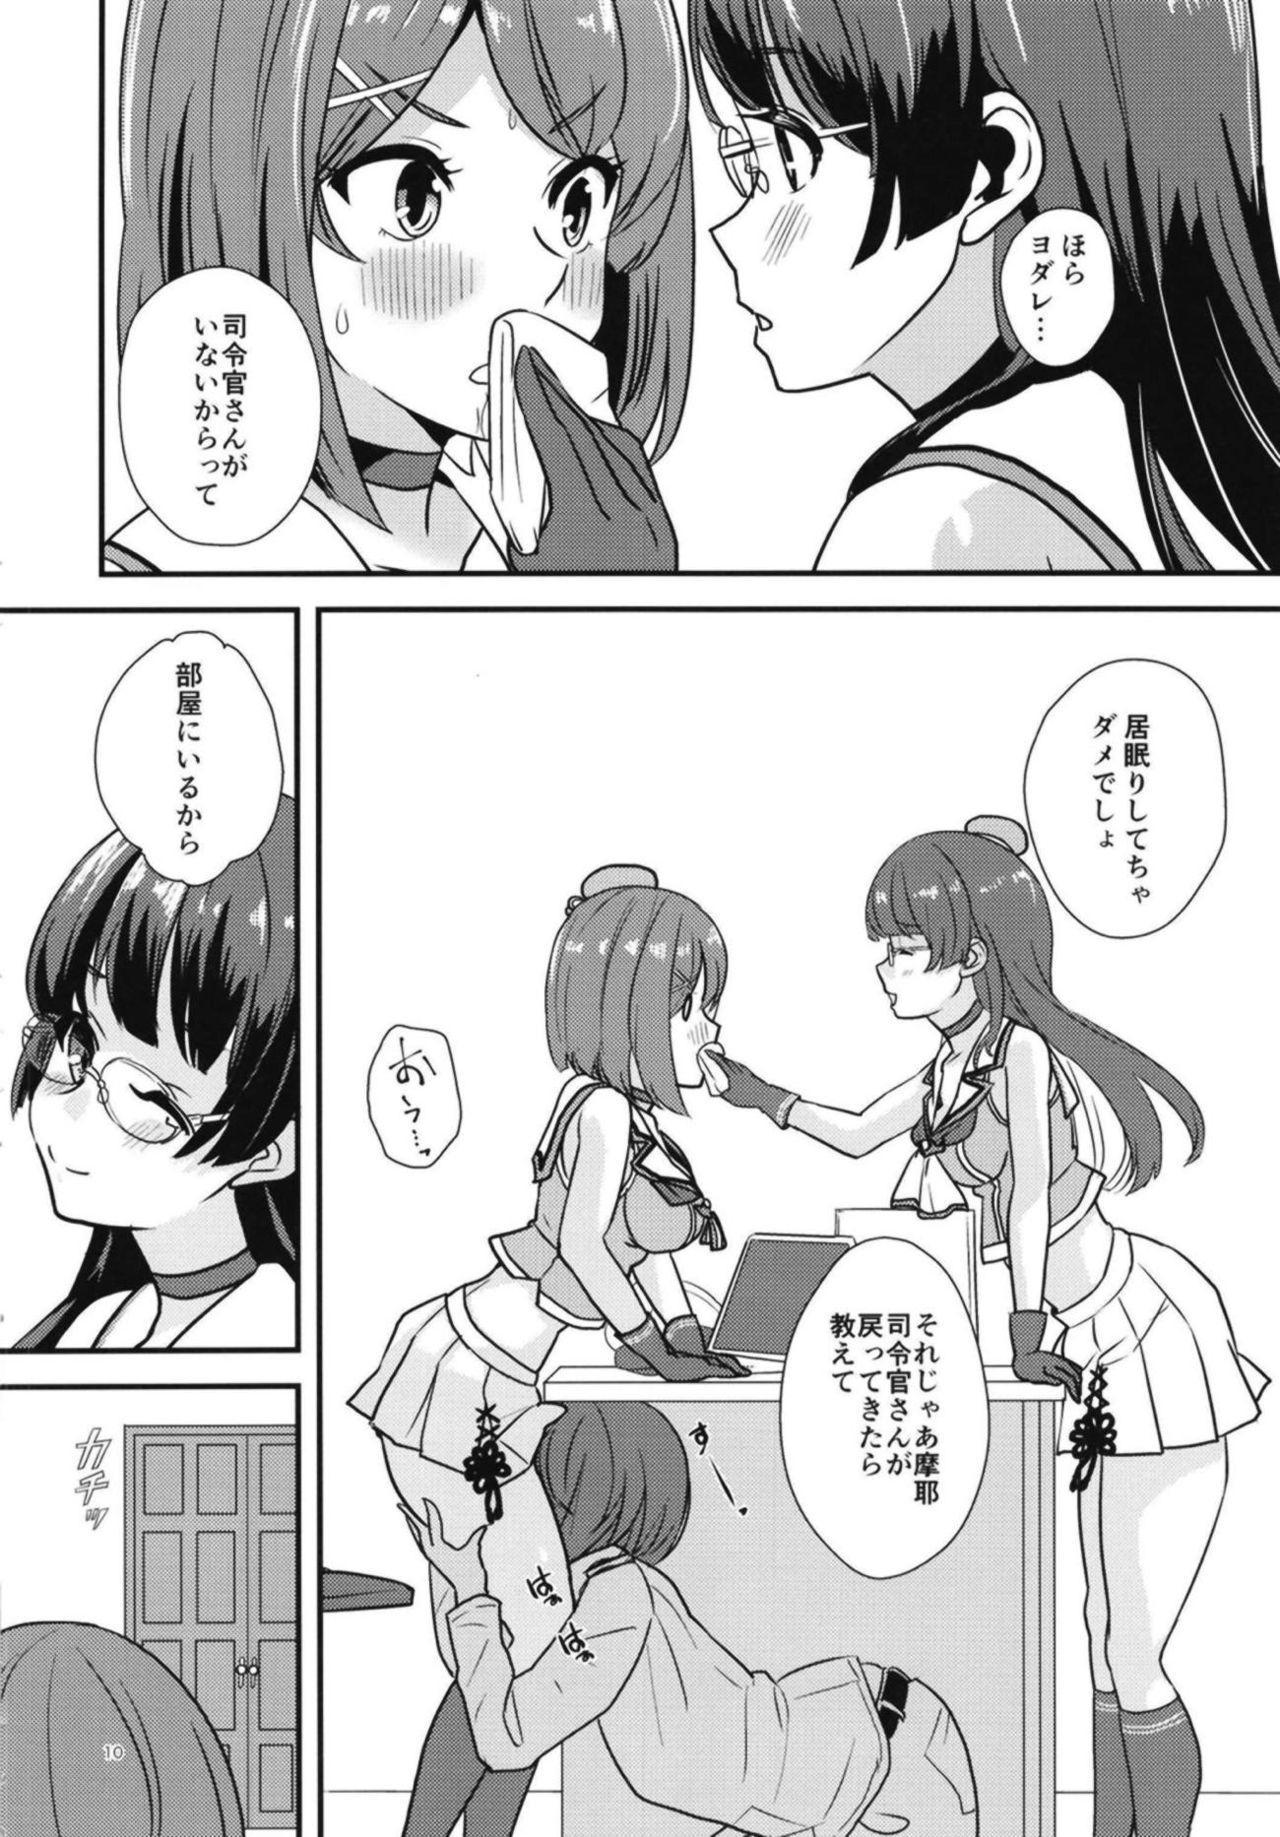 Shinmai Teitoku dakara Maya-sama ni Kawaigatte Moraitai 8